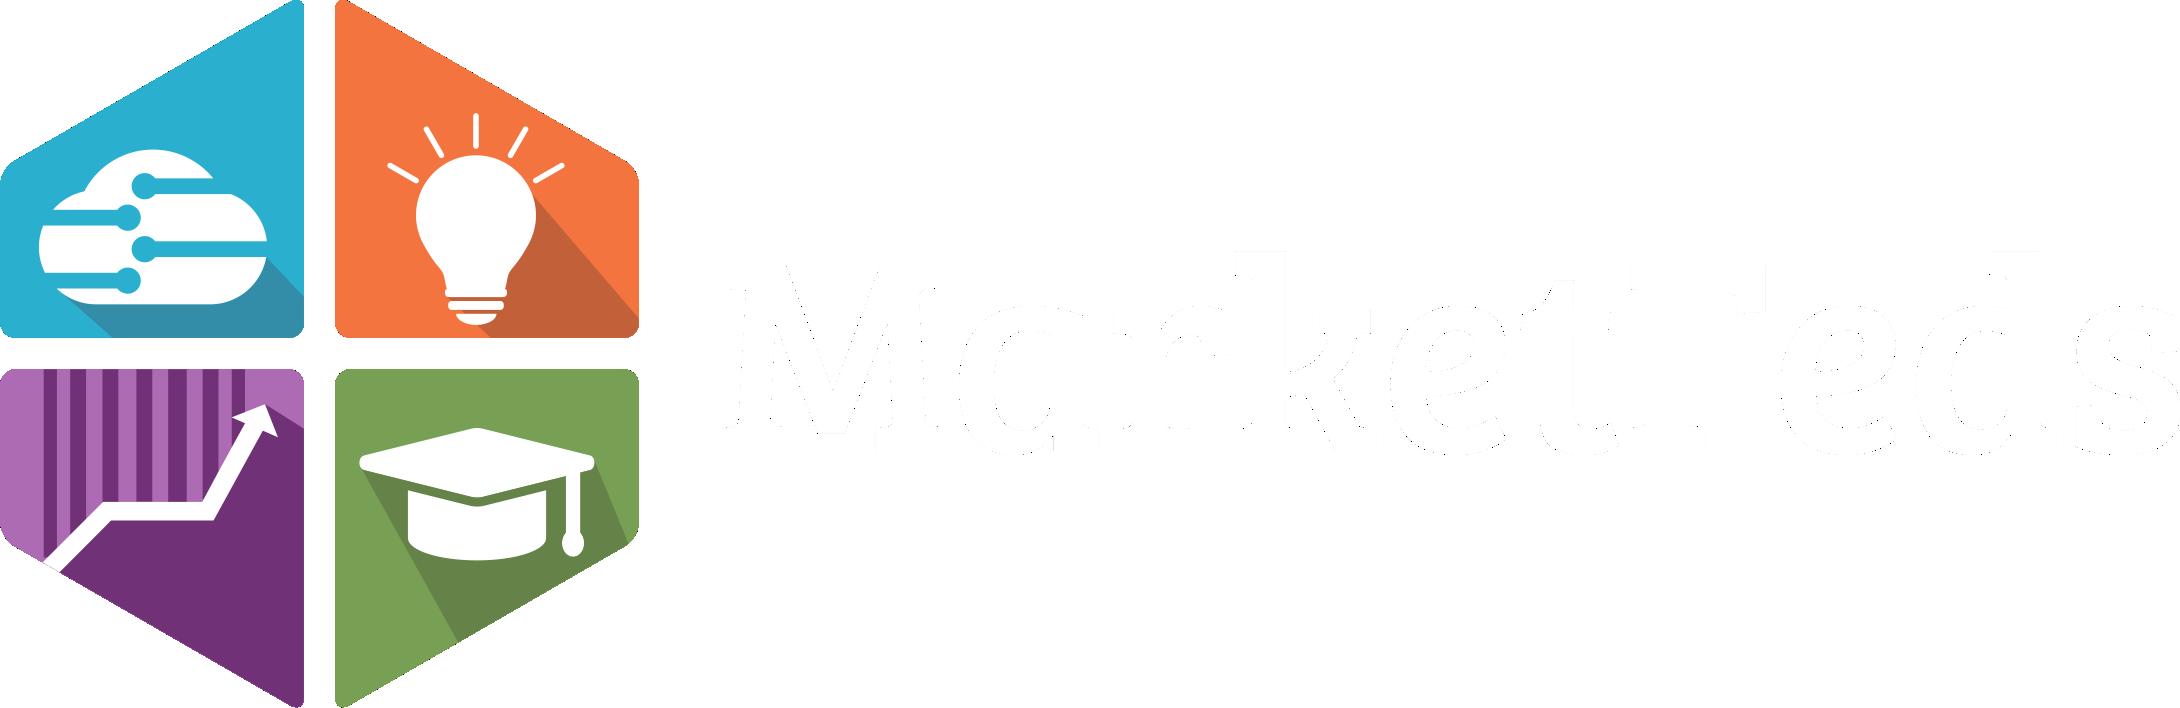 Marketfeds